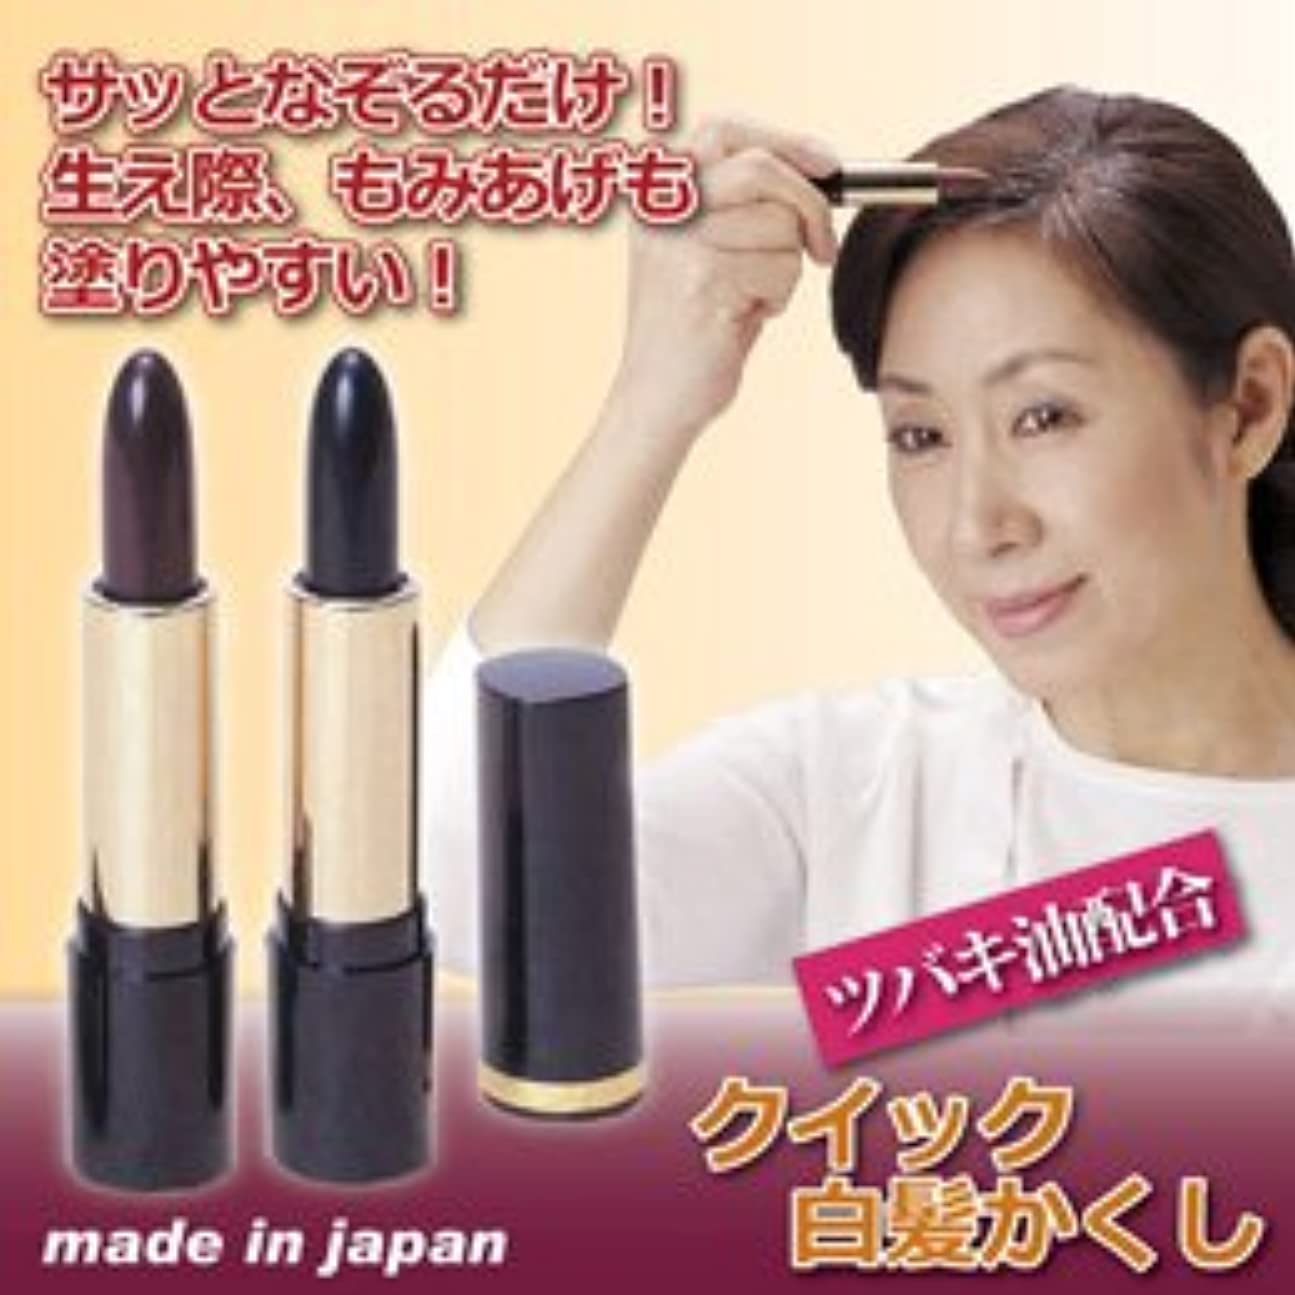 アリス日付付き確認大阪化粧品 クイック白髪かくし ブラウン 8078232